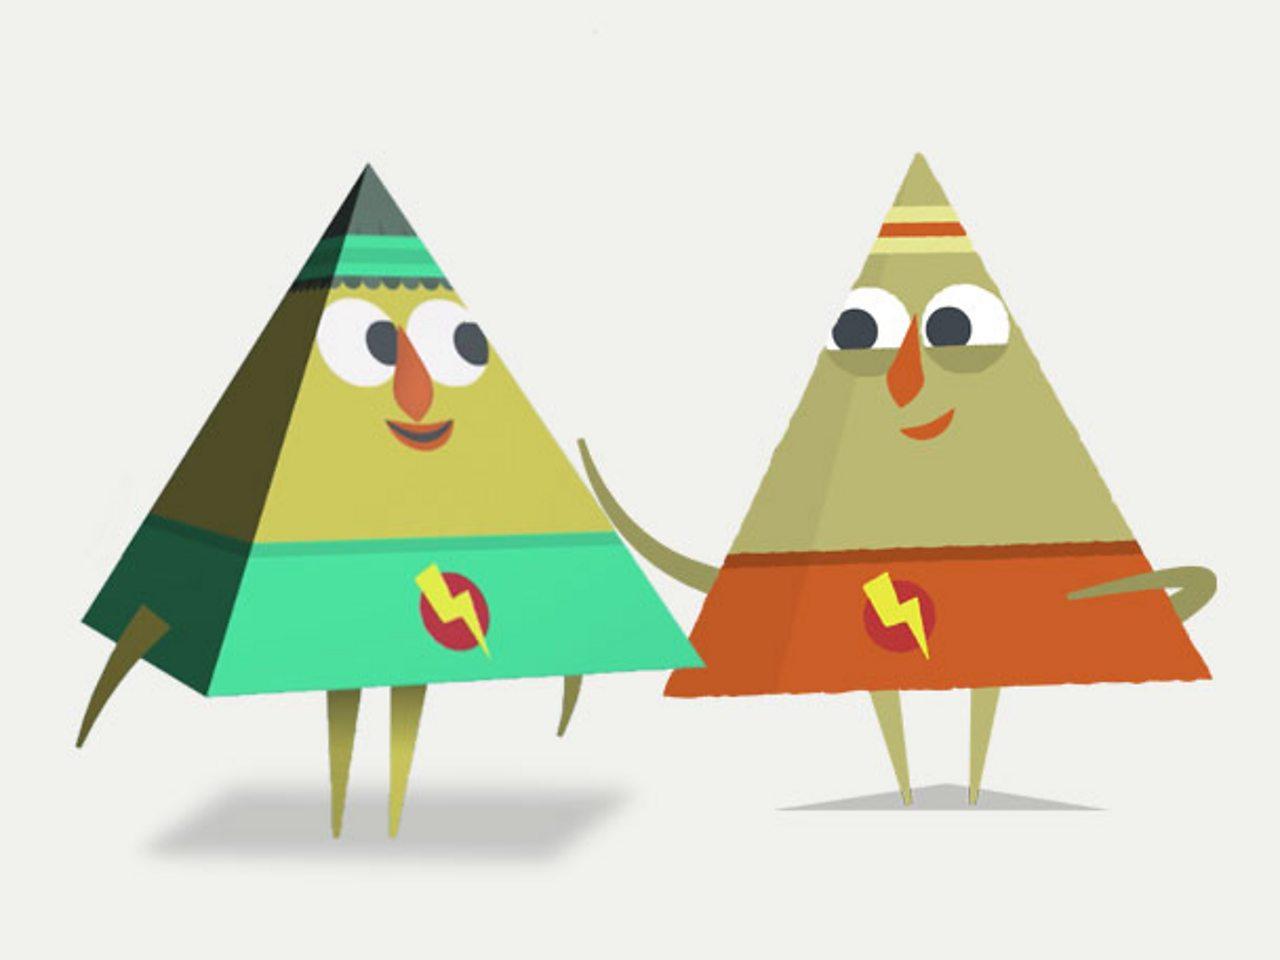 Cymeriad triongl yn curo cefn cymeriad pyramid yn gyfeillgar.